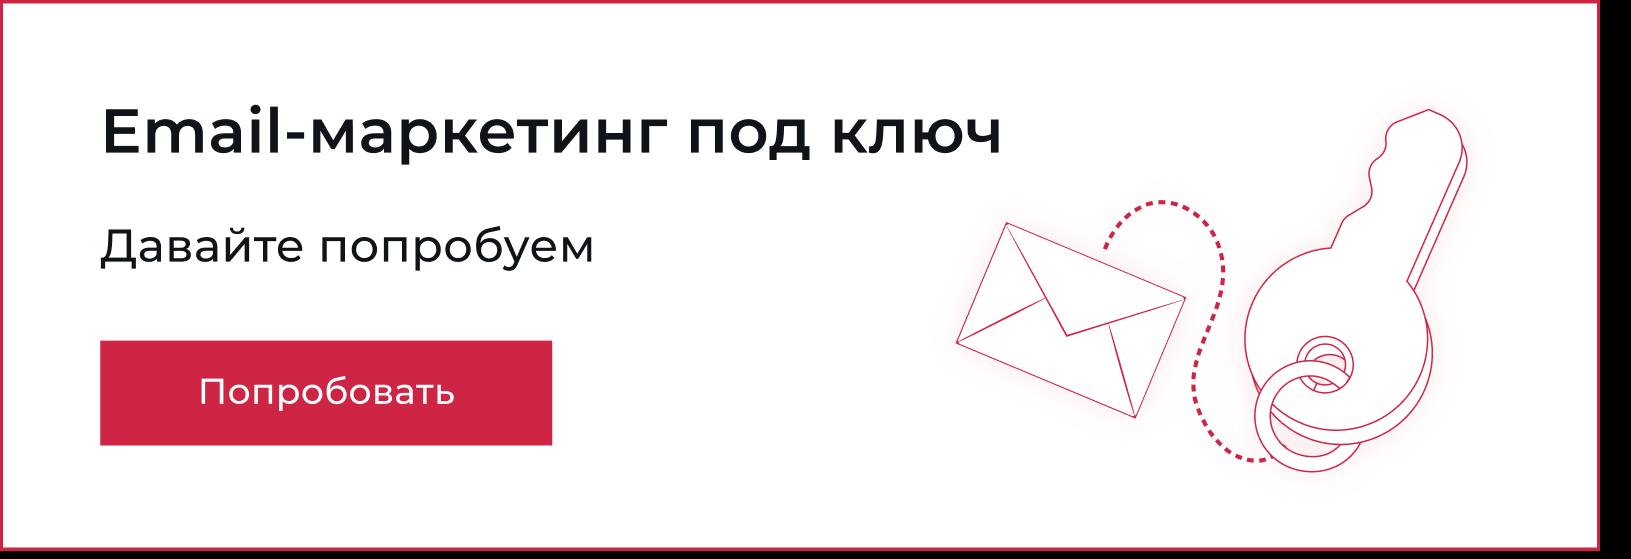 Email рассылки под ключ